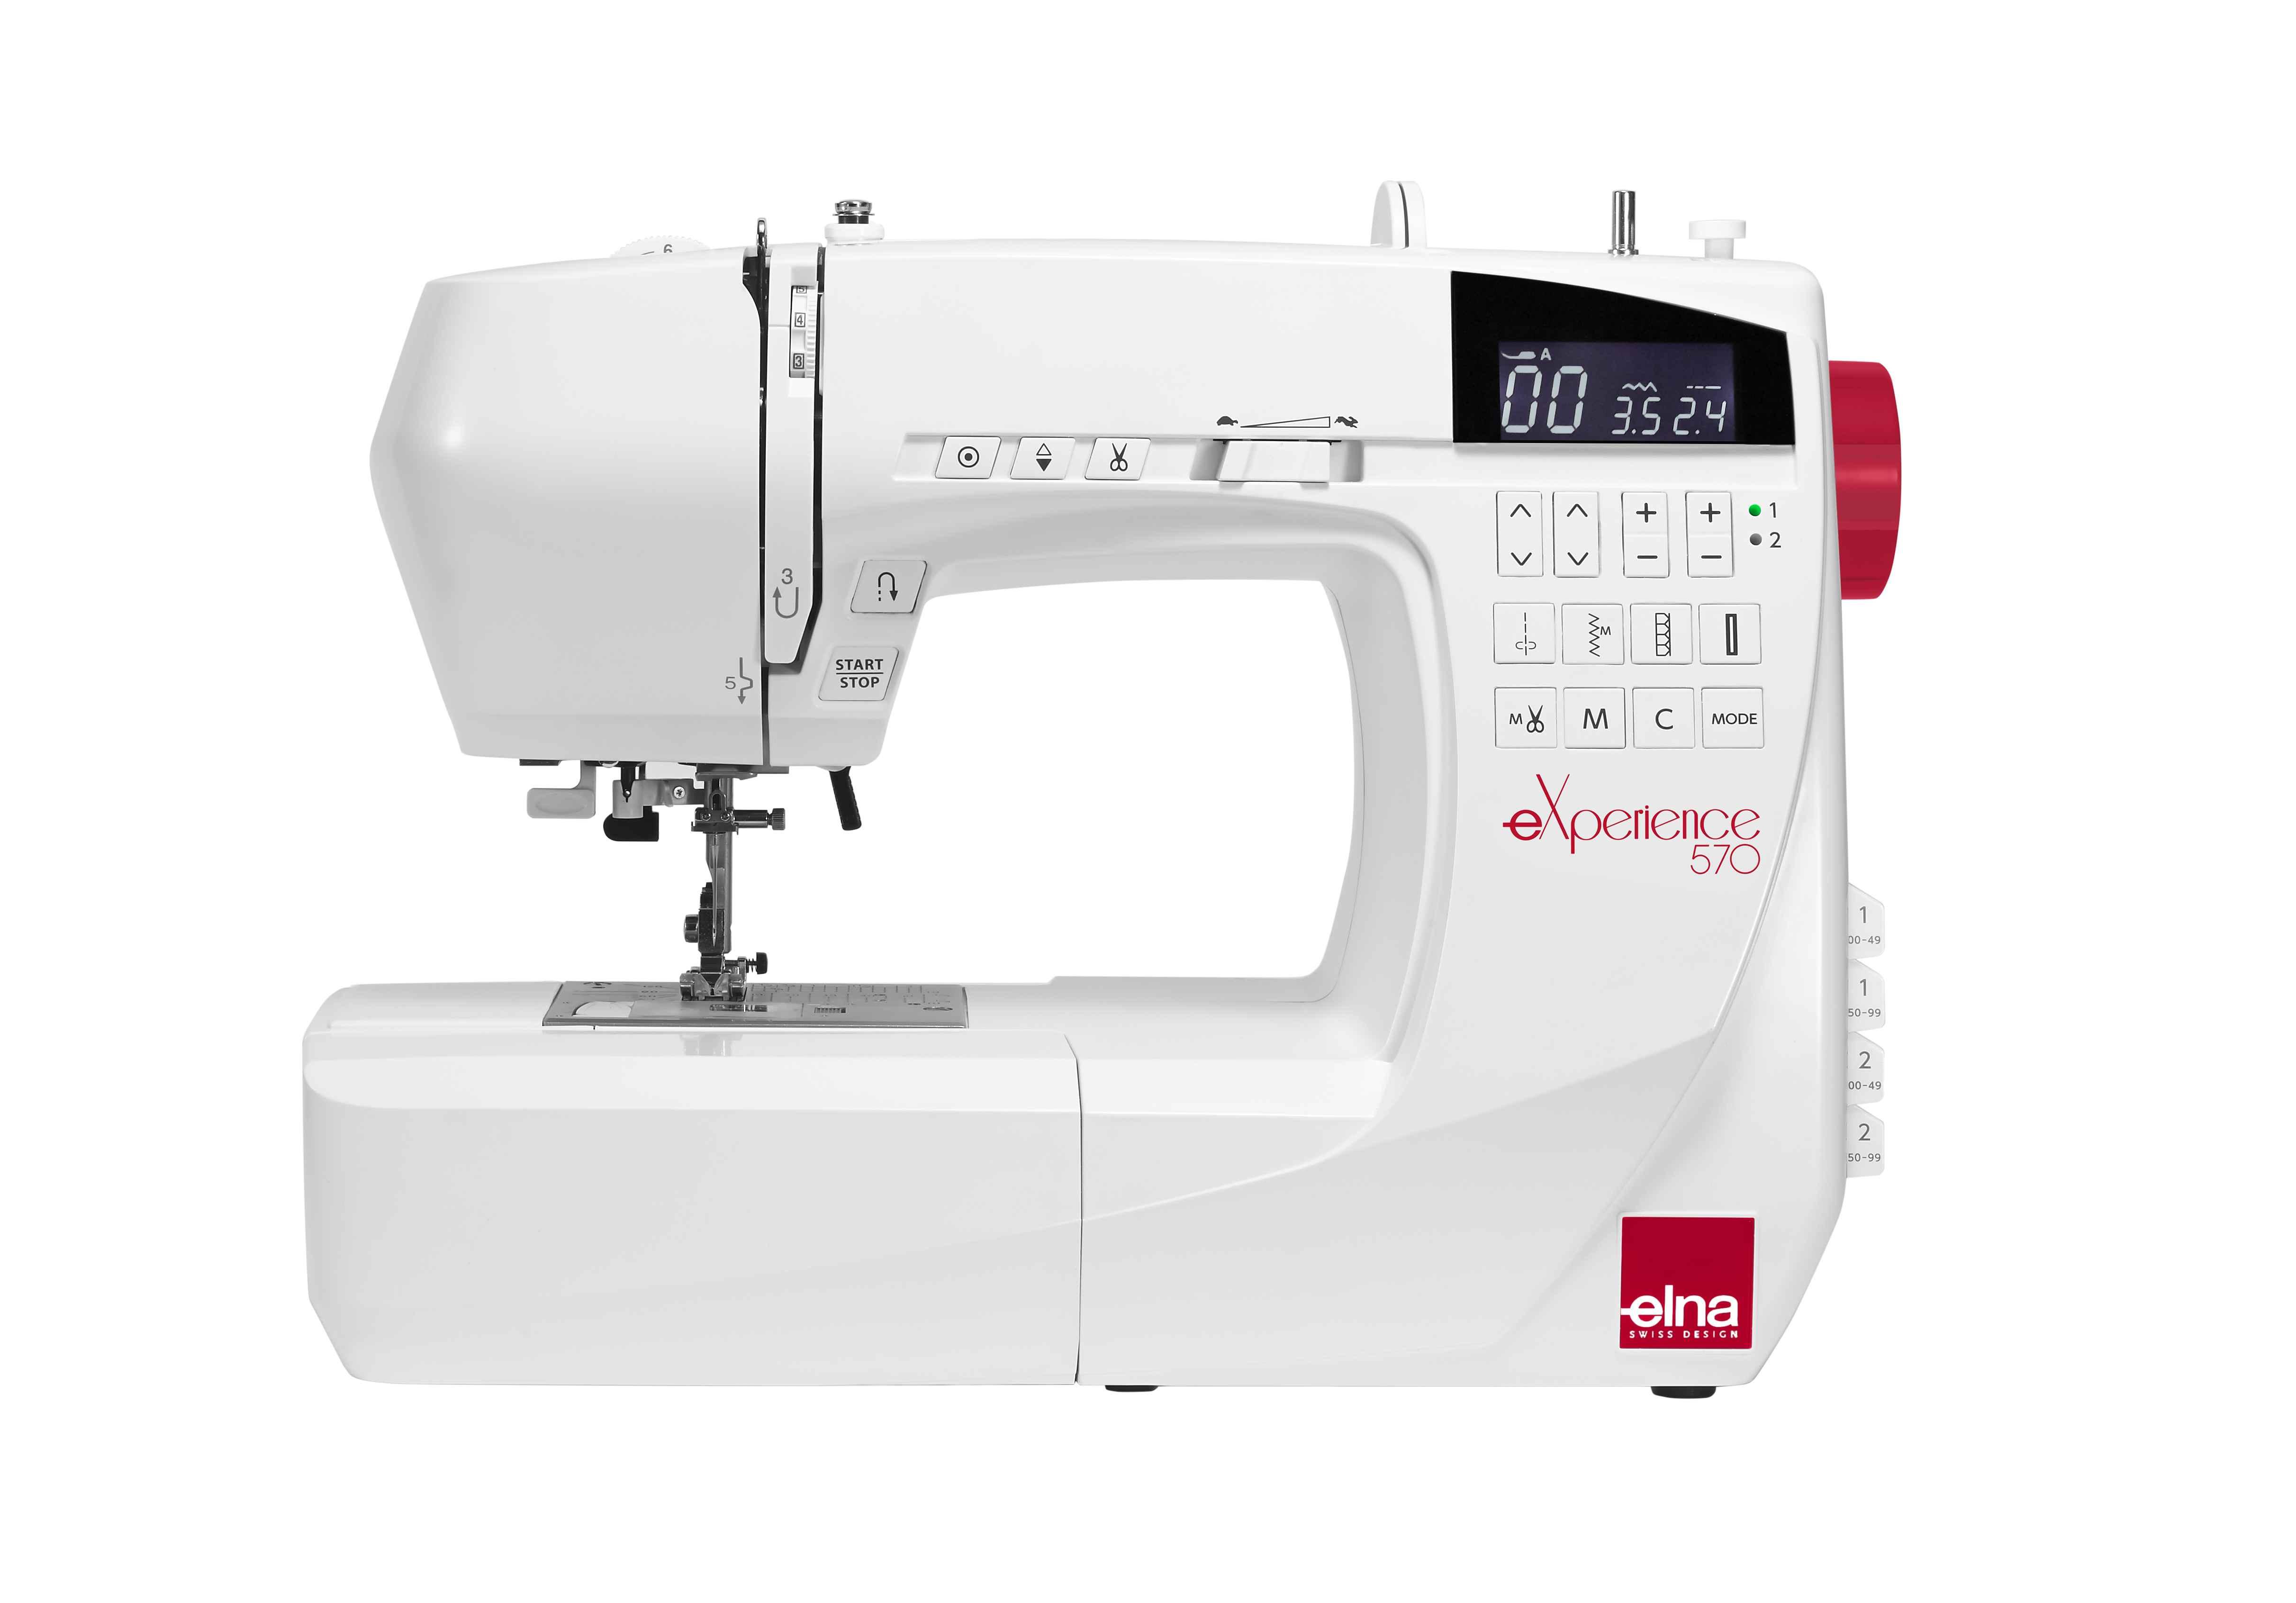 Швейная машина Elna 570 eXperience бицепс машина impulse it9503 200